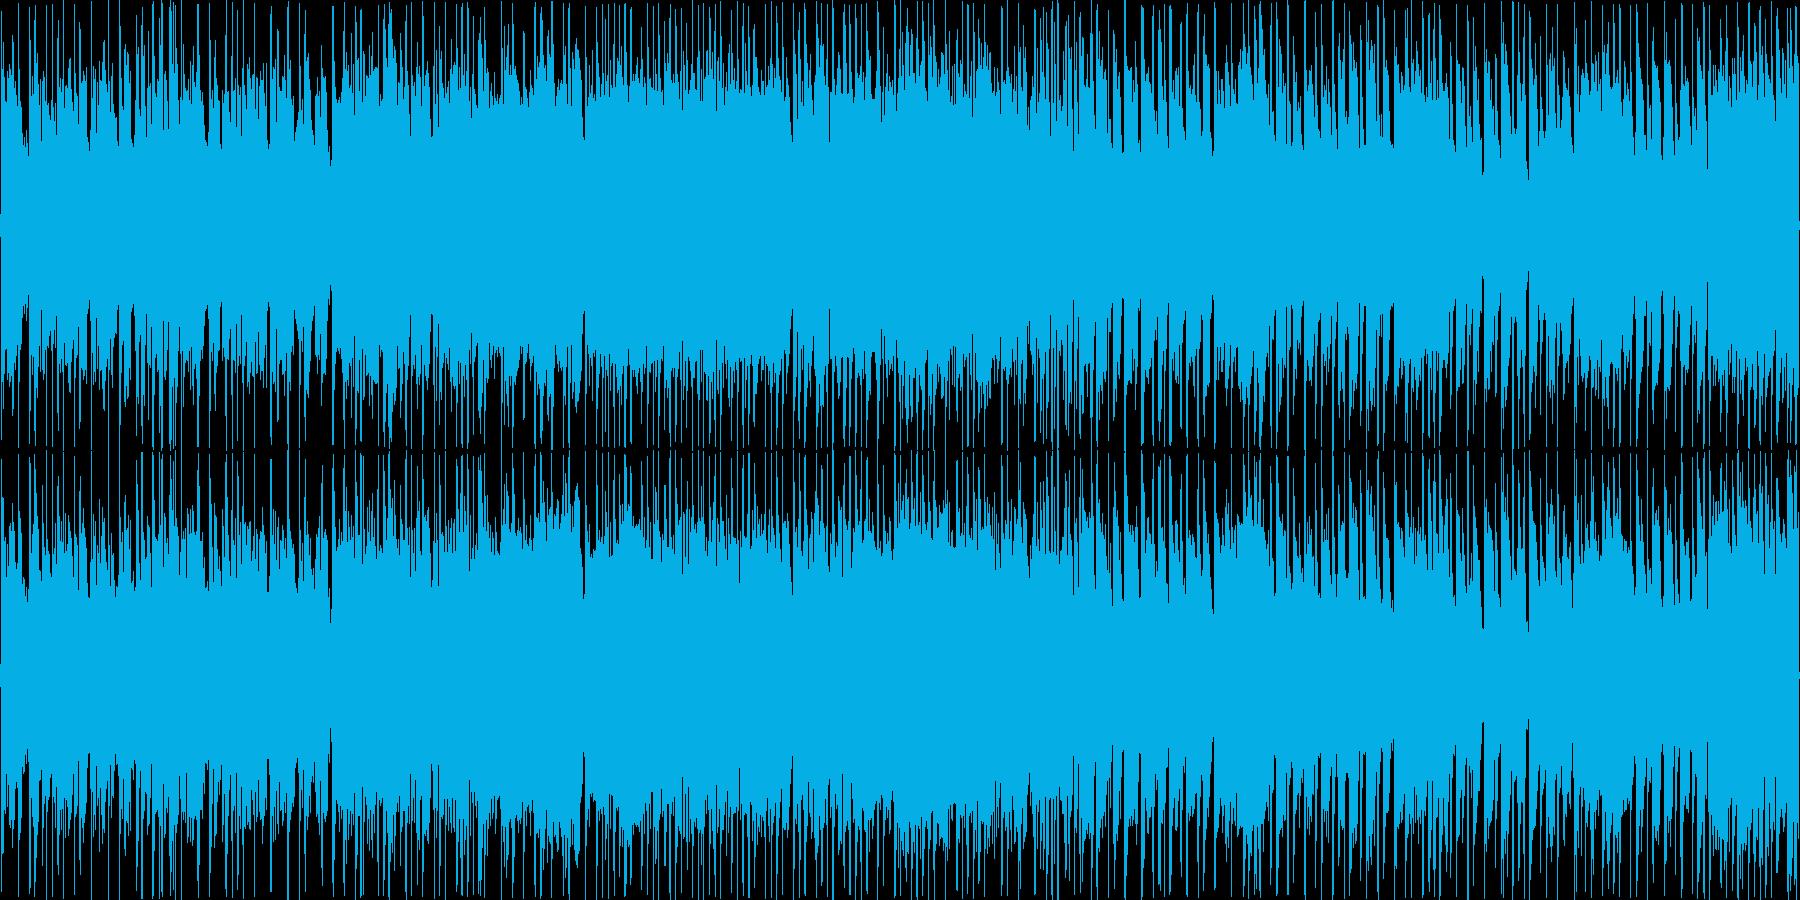 ギターと電子音の混じったロックサウンドの再生済みの波形